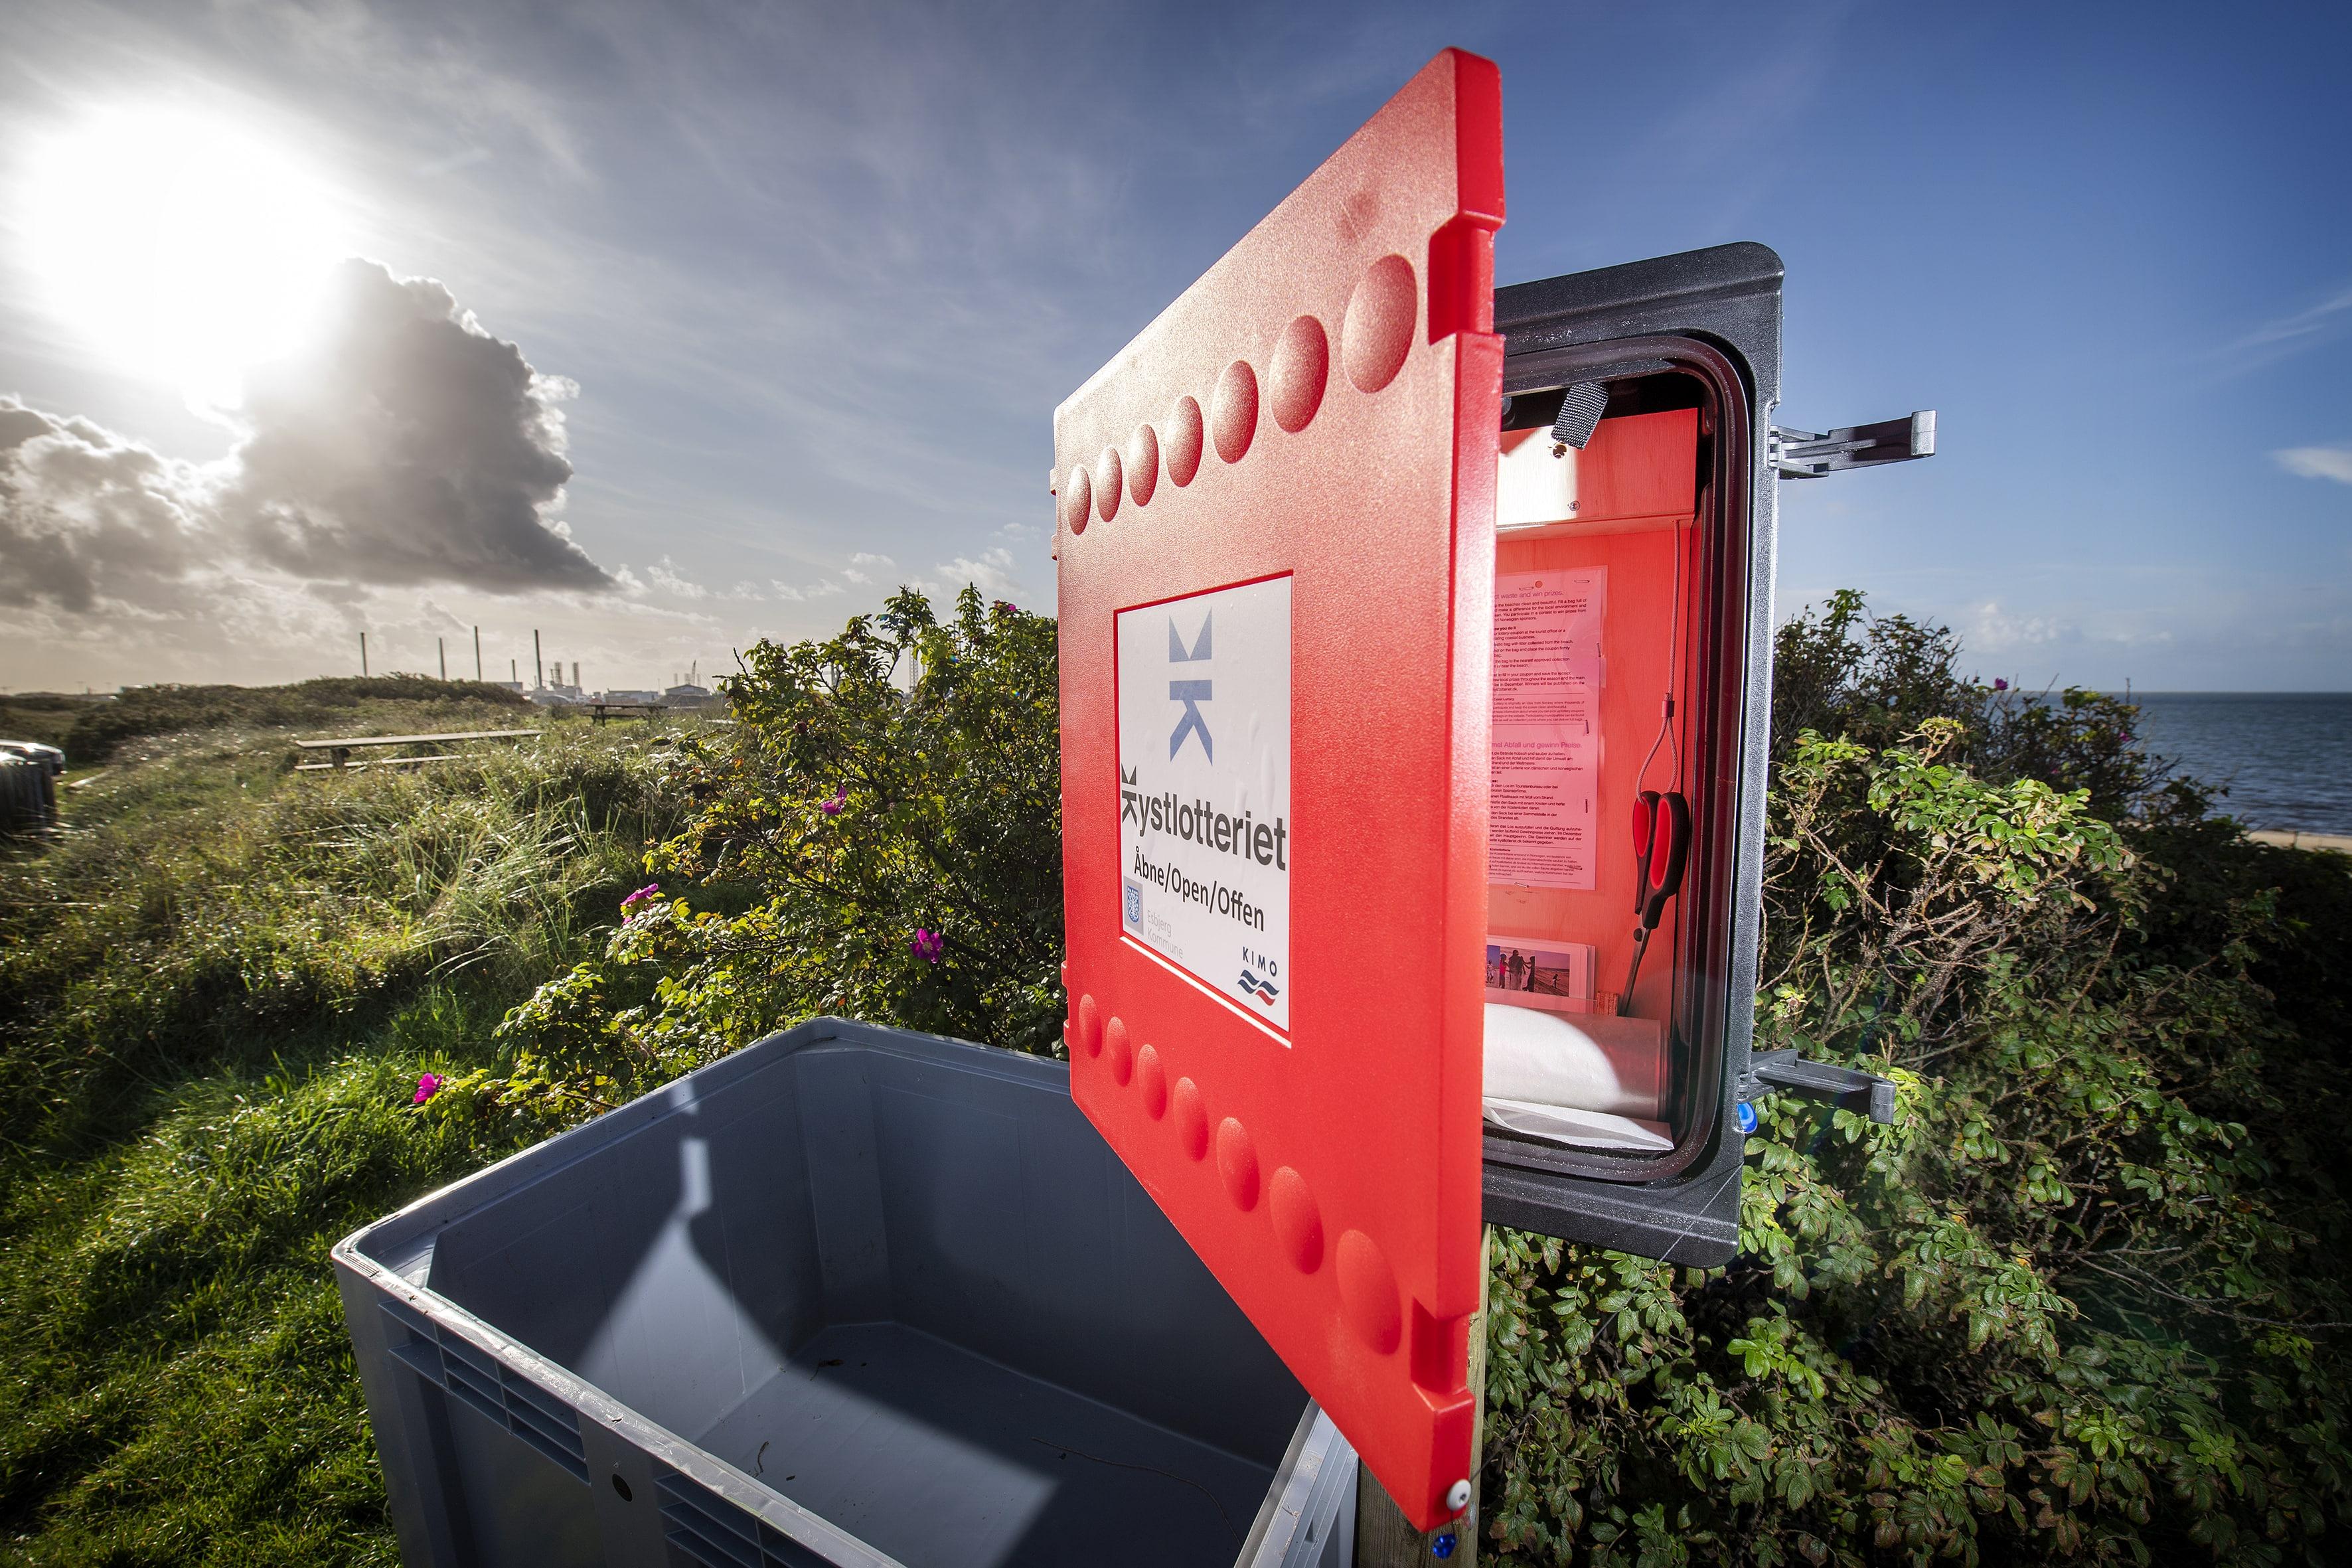 Kystlotteriet løber fra 1. september 2021frem til december 2021. (Foto: Kystlotteriet/Esbjerg Kommune)